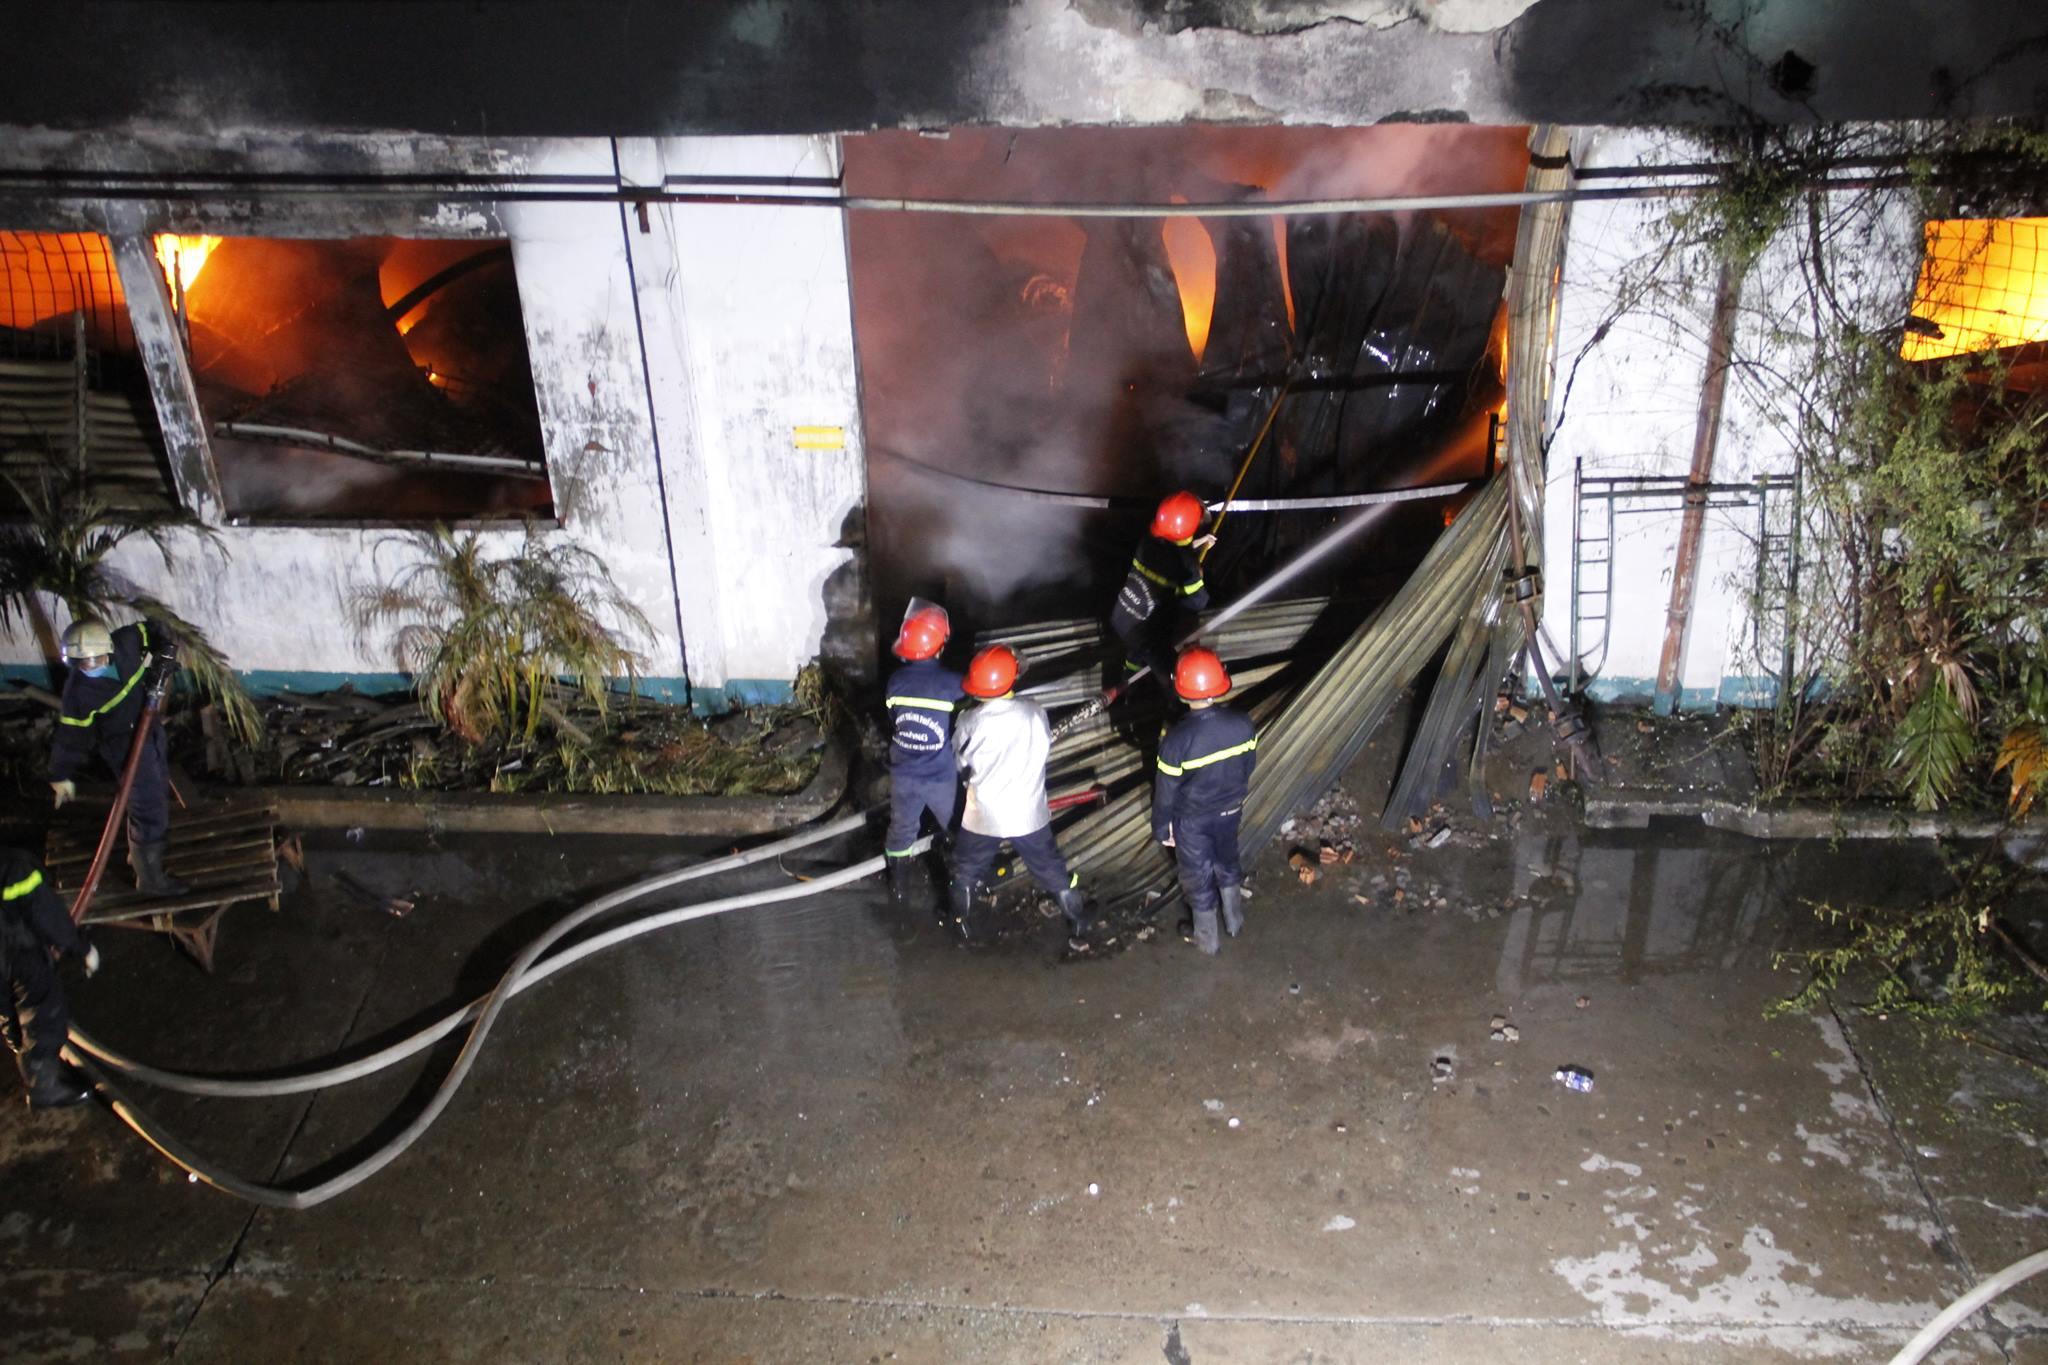 """Ảnh: Cả trăm cảnh sát vật lộn với """"giặc lửa"""" tại KCN Tân Bình - 11"""